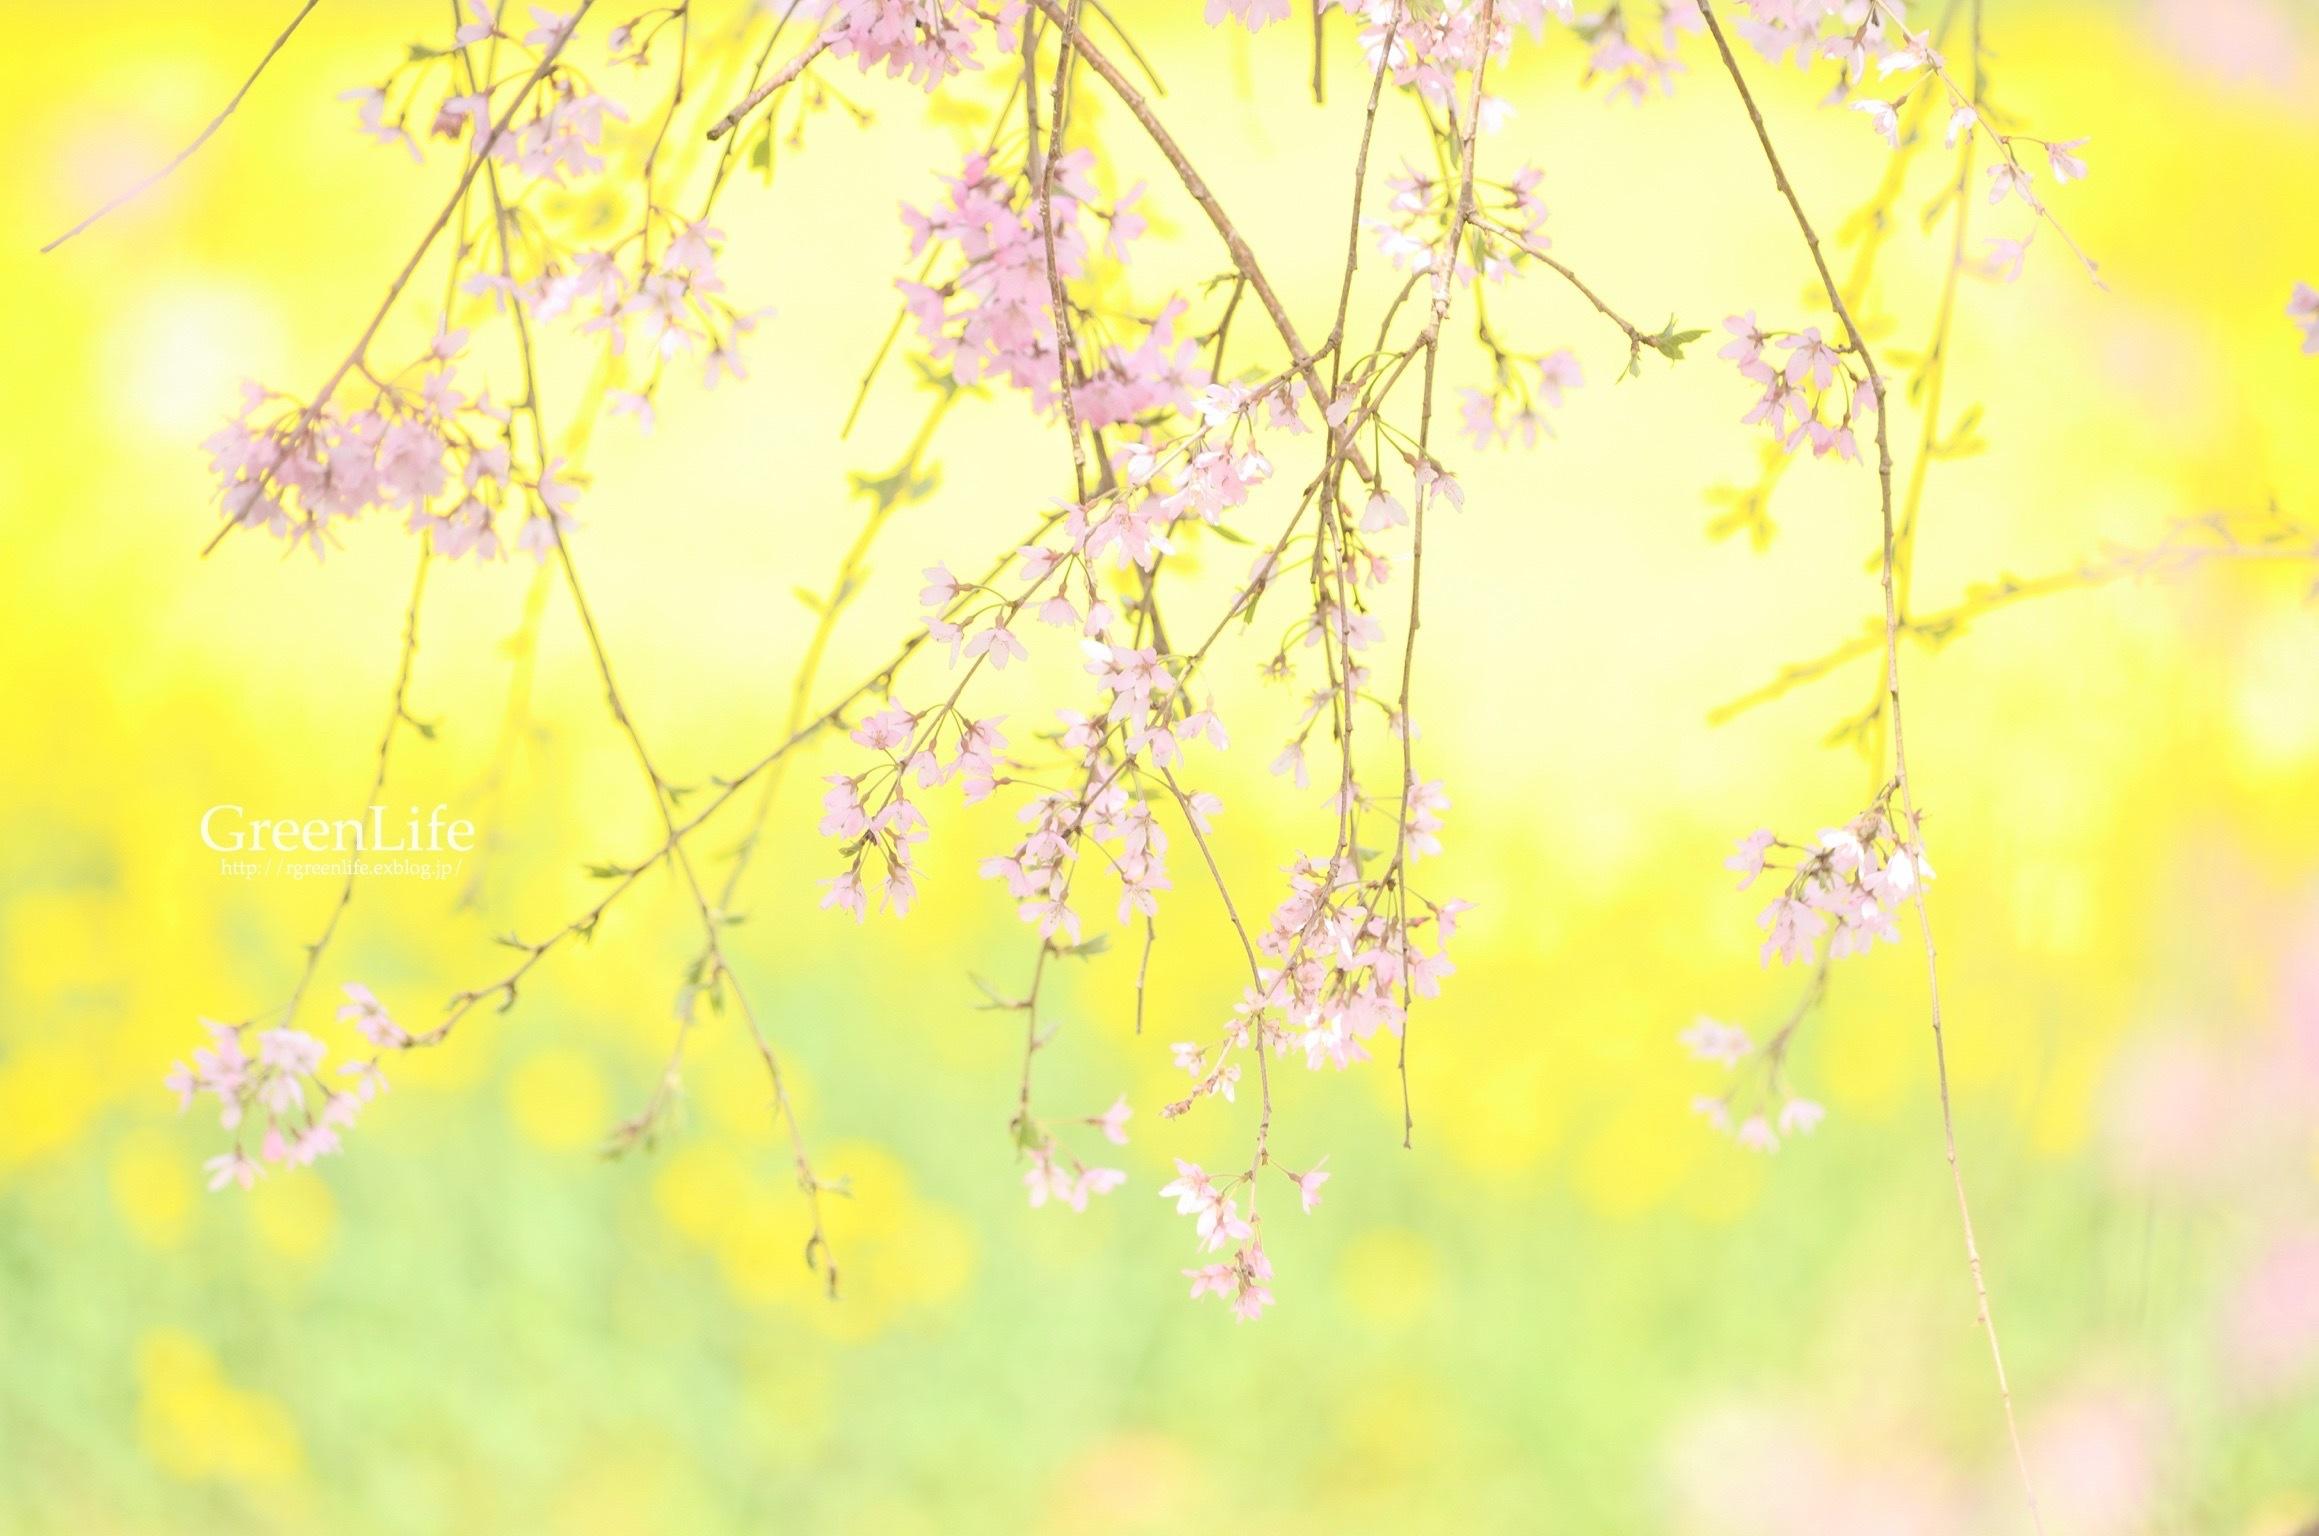 菜の花に包まれて_f0321522_14455229.jpg